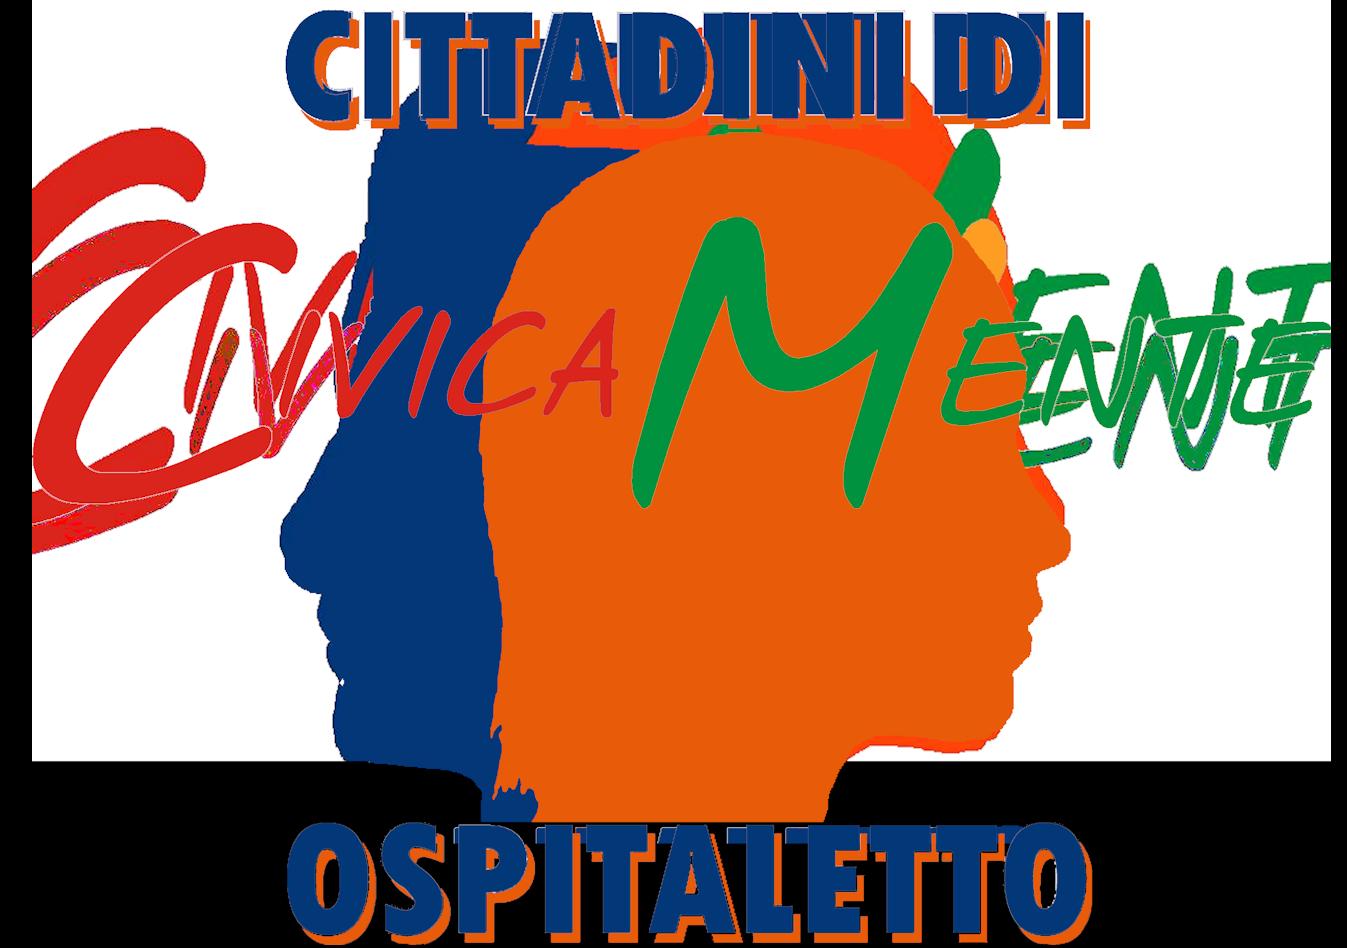 CivicaMente - Cittadini di Ospitaletto